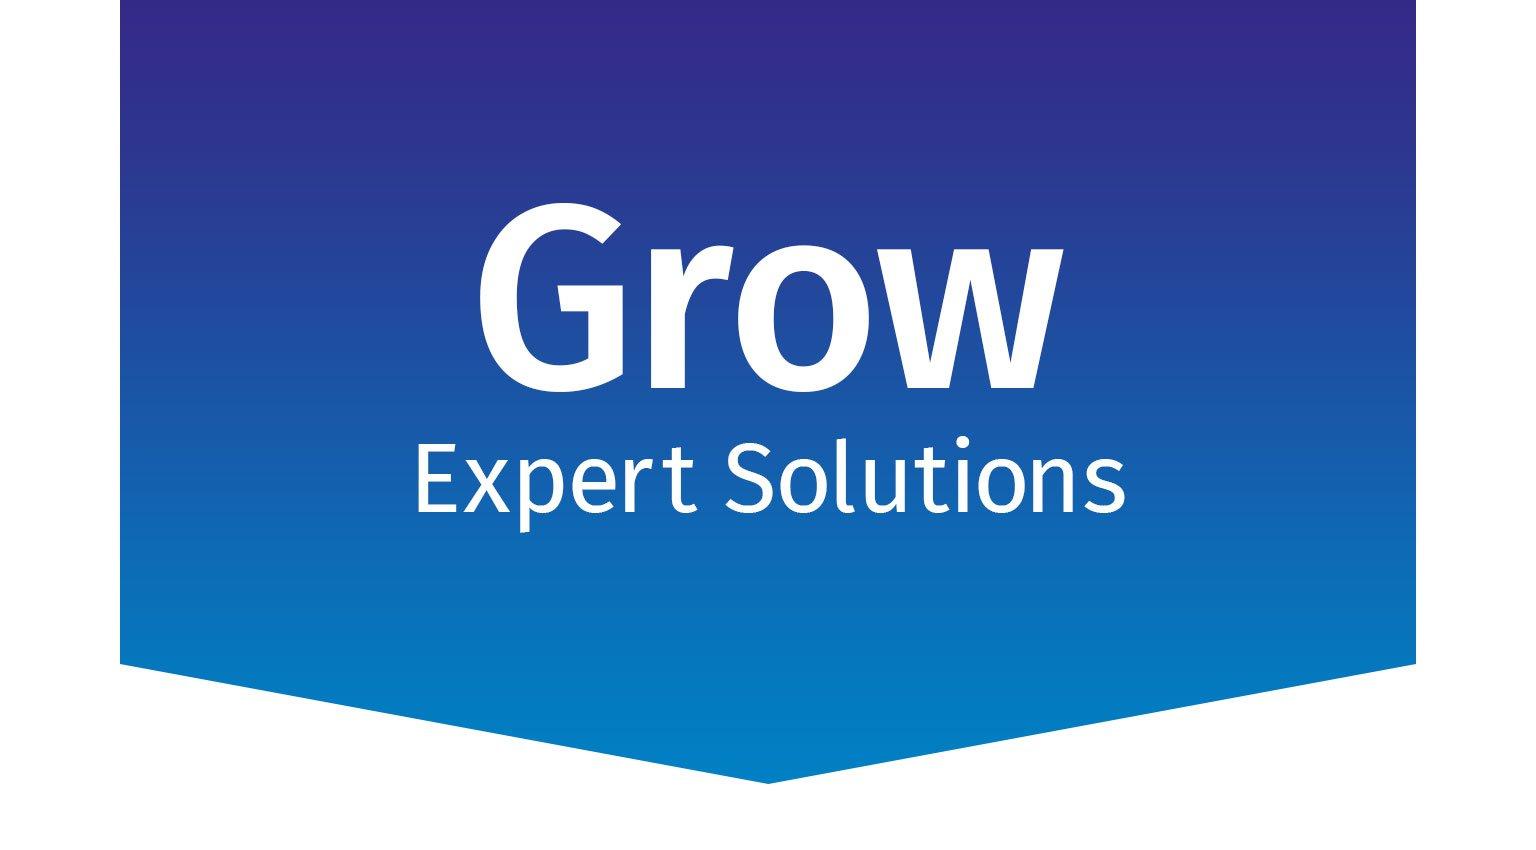 Grow Expert Solutions